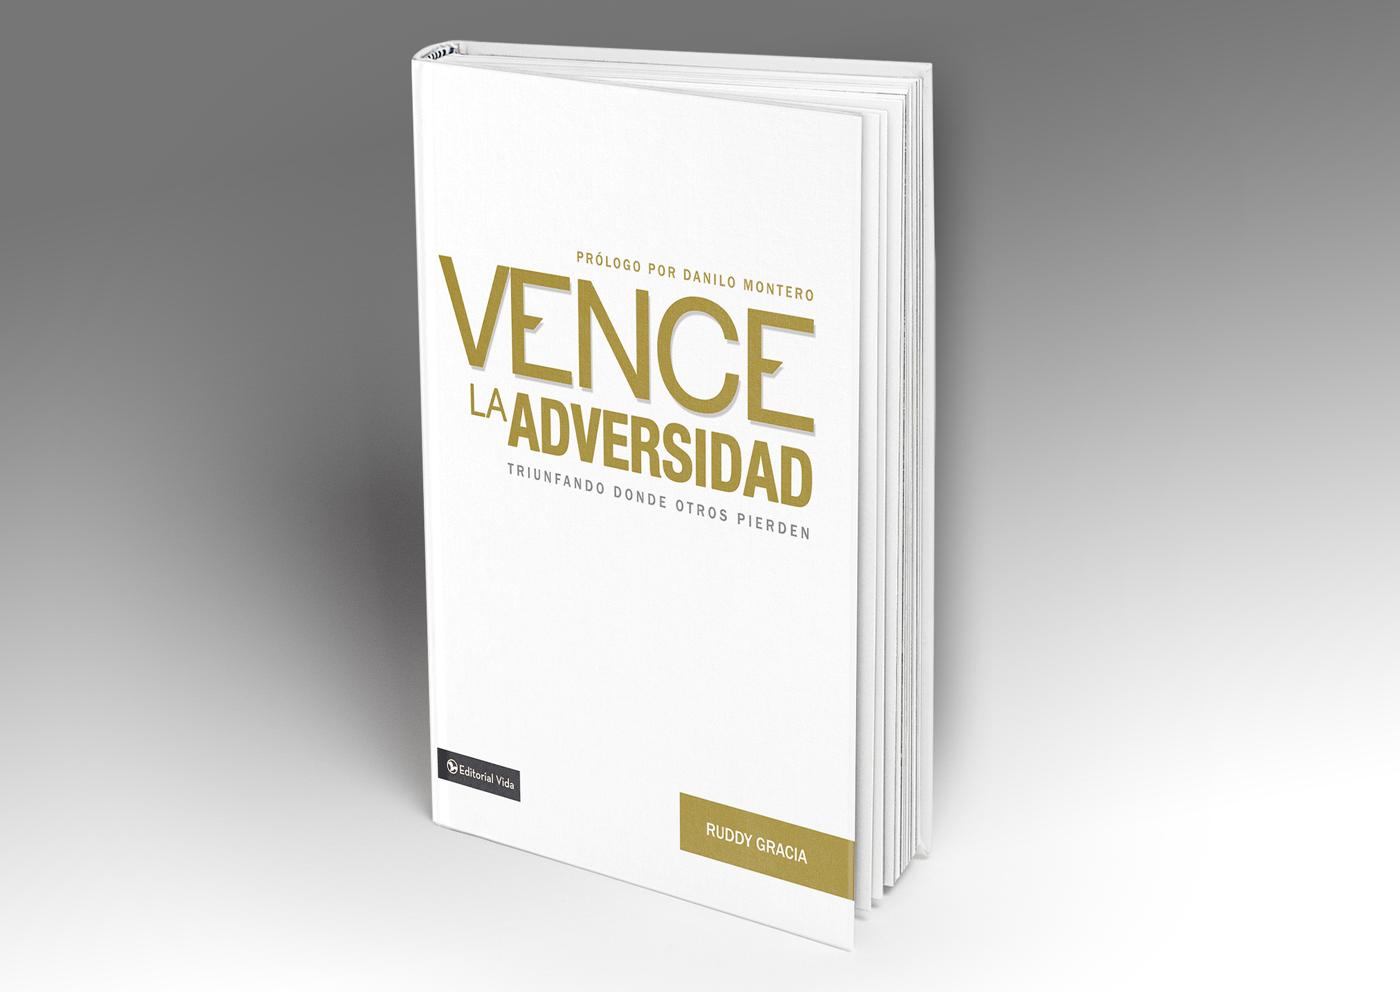 Vence La Adversidad - Ruddy Gracia (LIBRO) — Pastor Ruddy Gracia